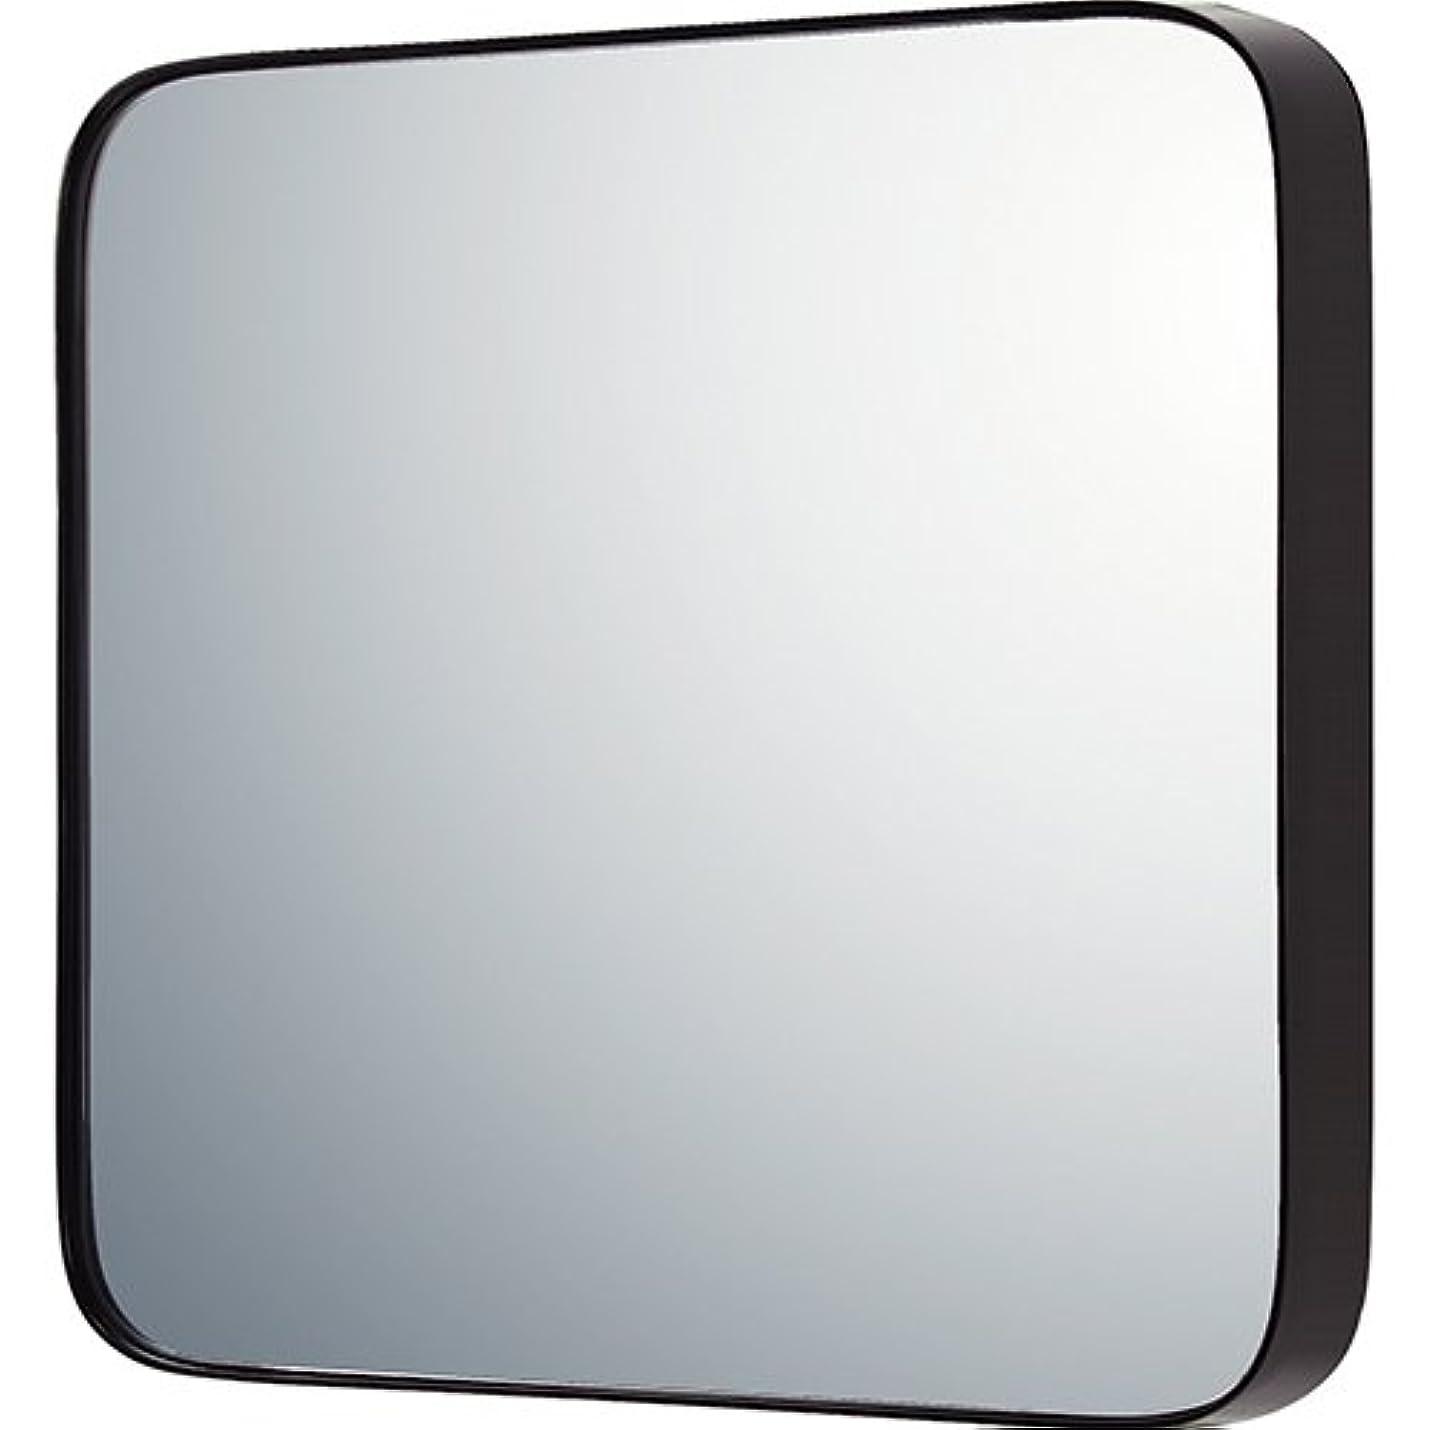 ロッカーブルゴーニュ太陽ユーパワー ミラー?鏡 マルチ 重さ:約5.1kg ラウンドコーナー (L) グロスブラック SM-09042